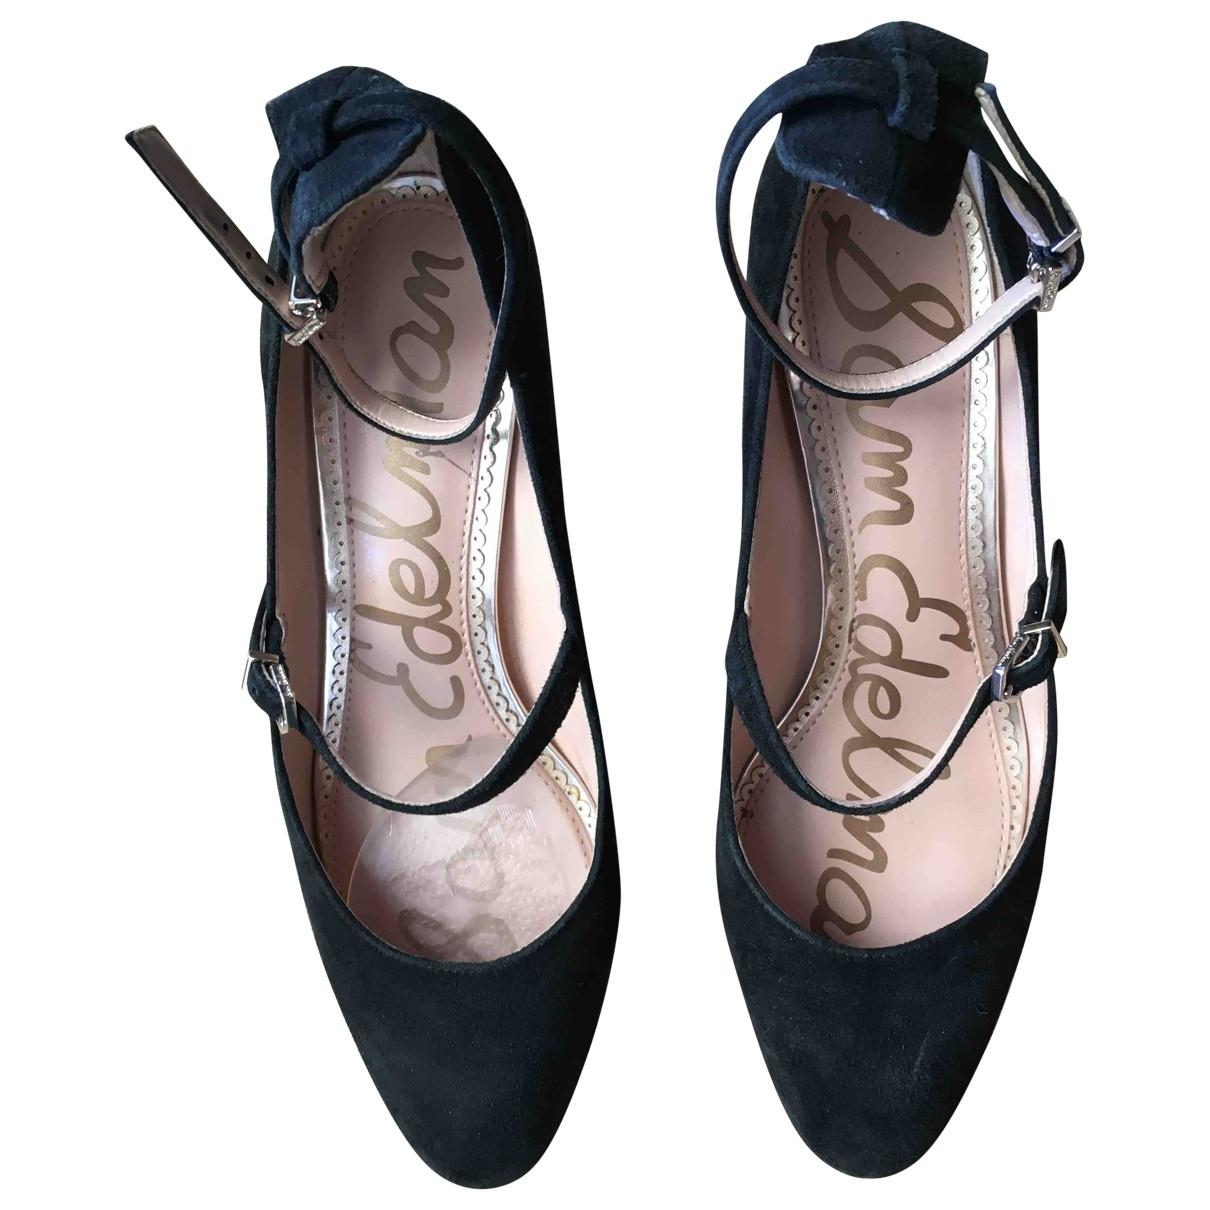 Sam Edelman \N Black Suede Heels for Women 7 US